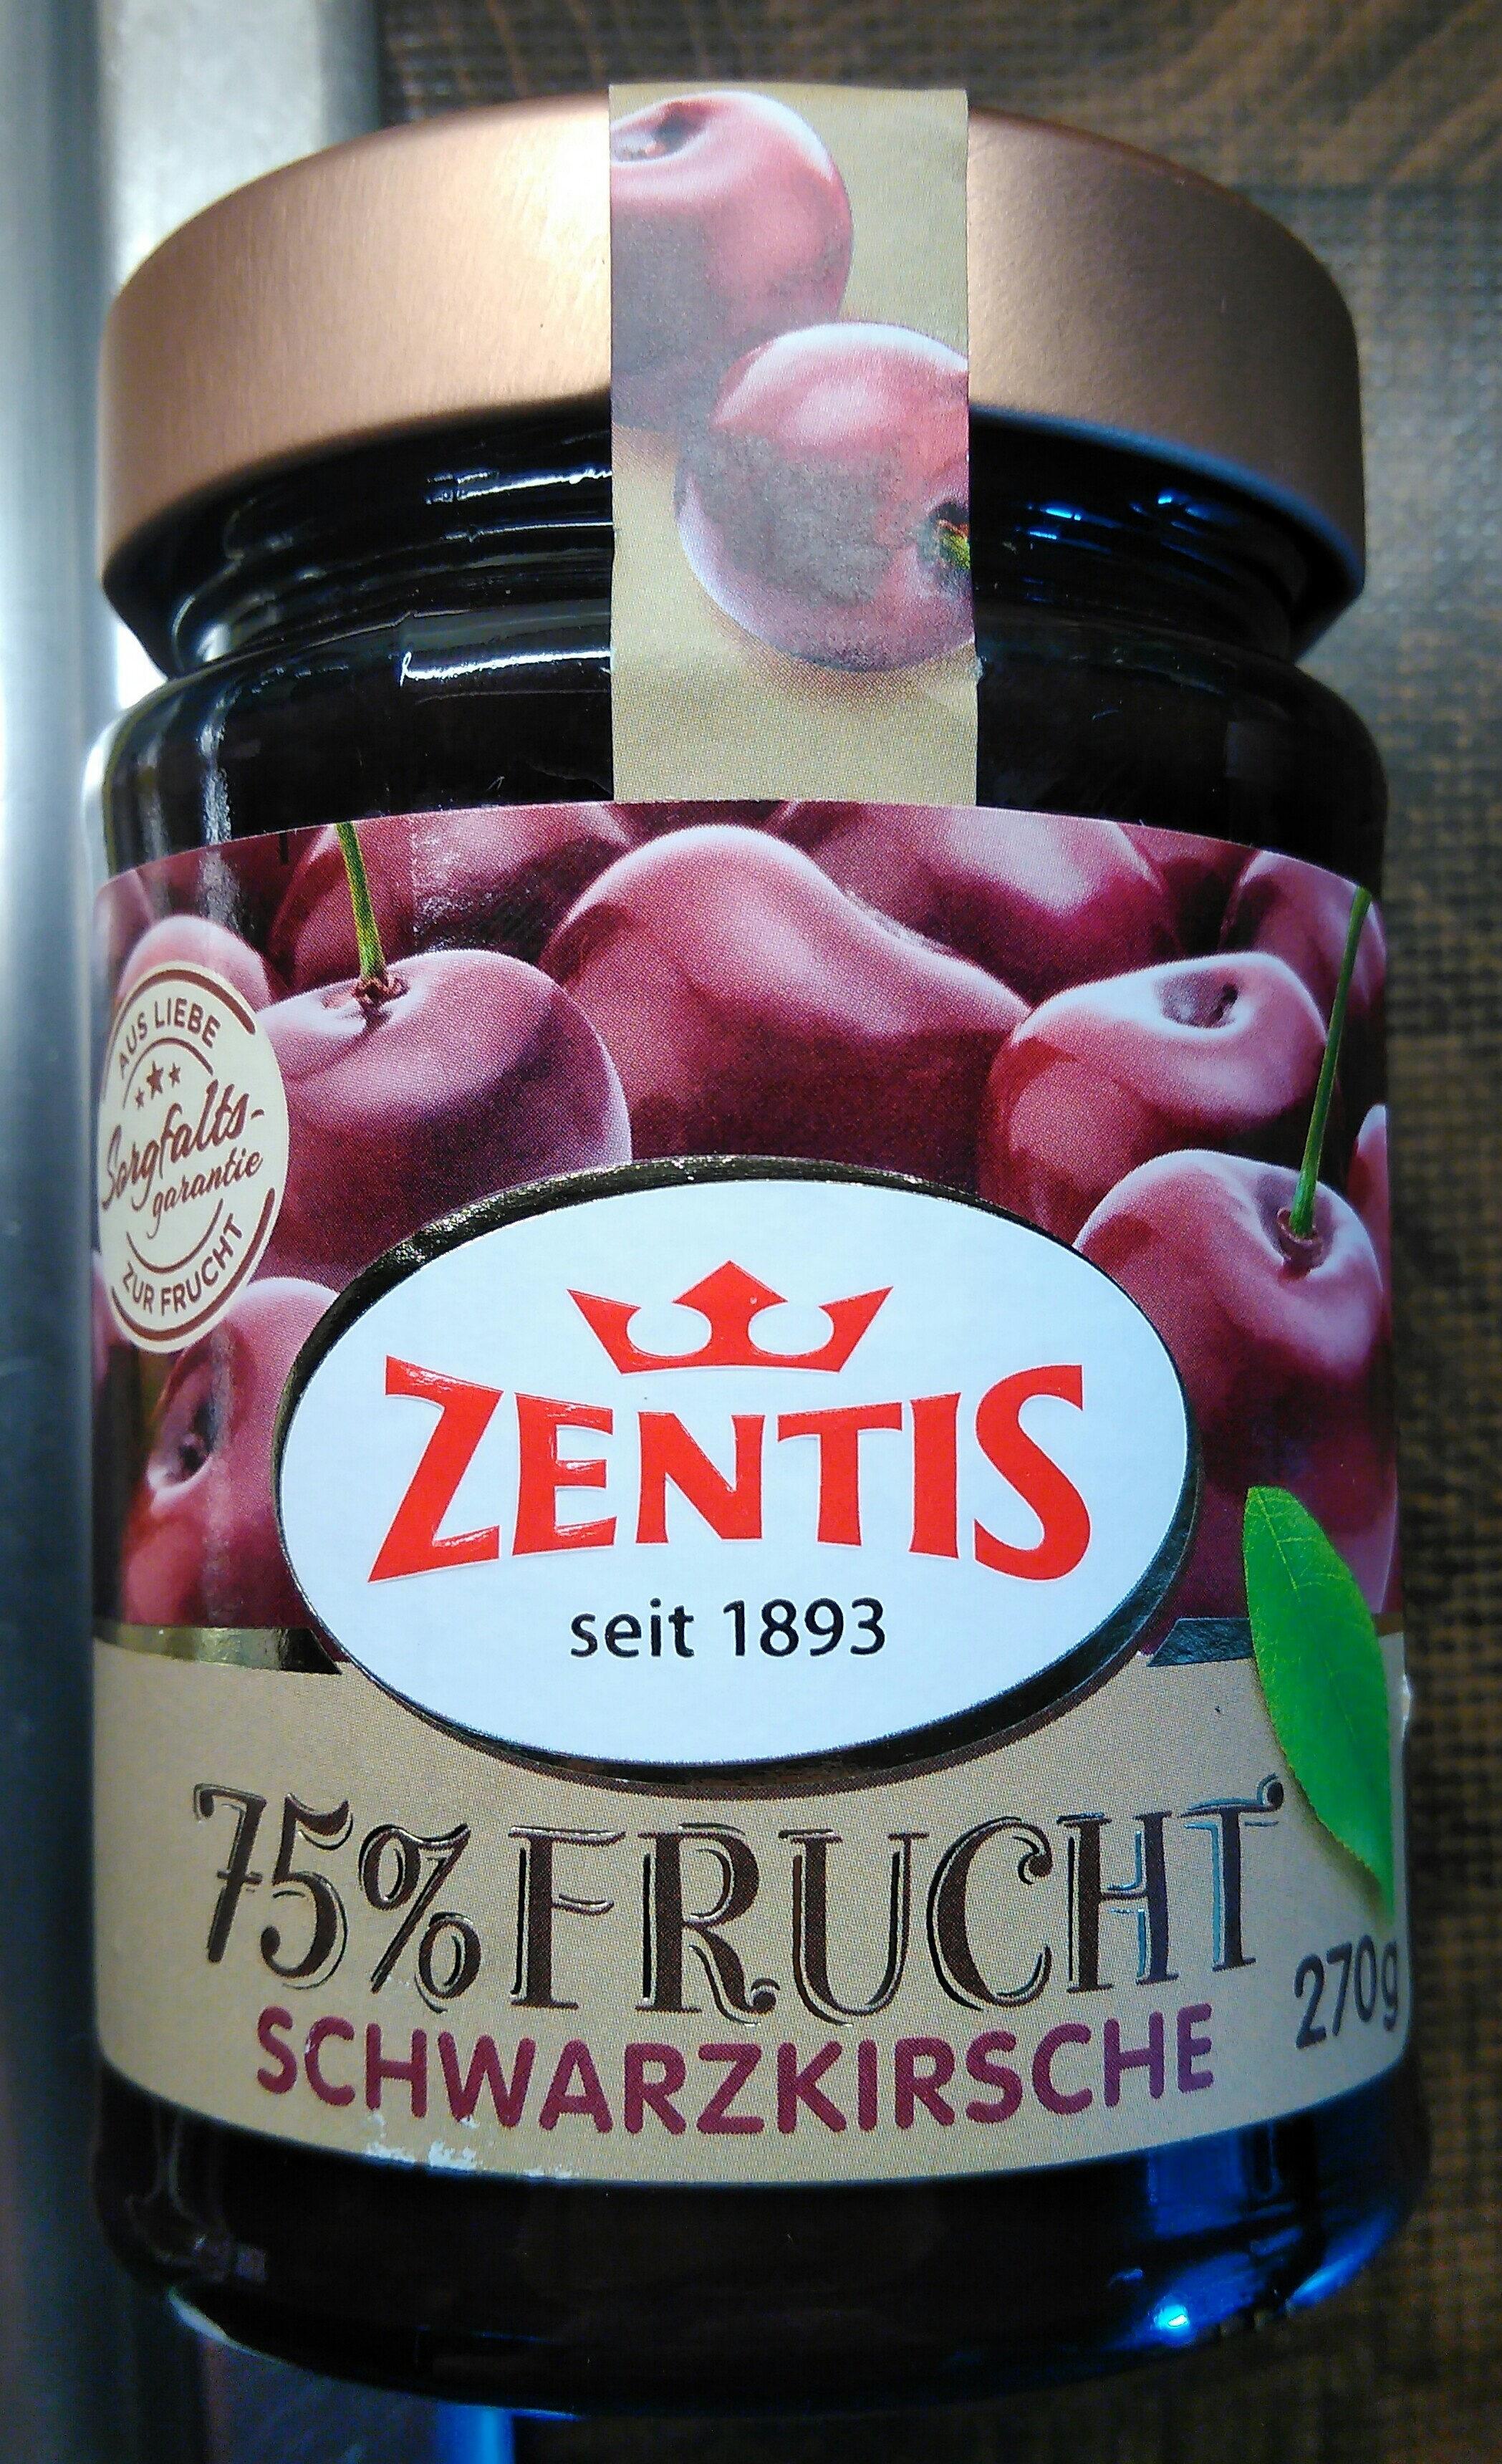 Zentis 75% Frucht Schwarzkirsche - Product